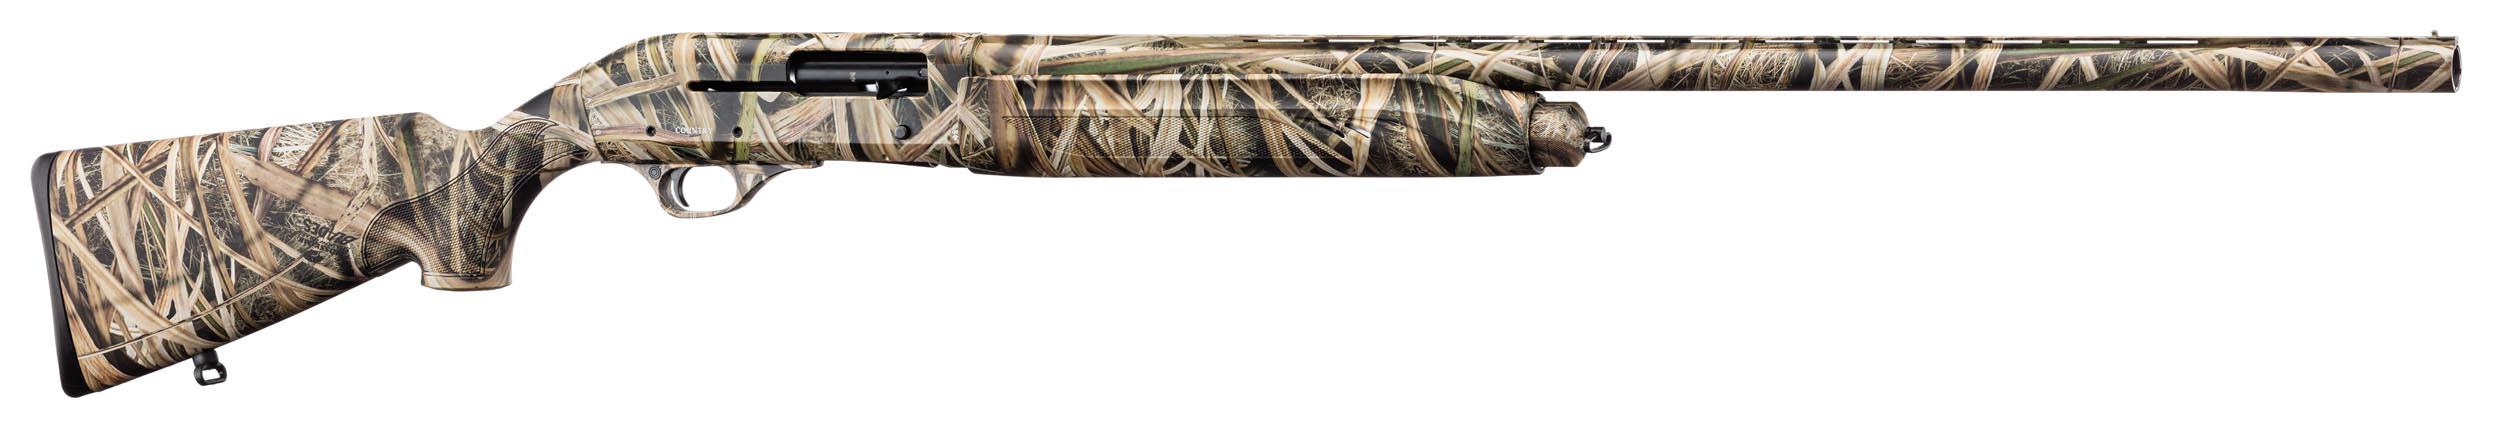 Fusil semi-automatique Country camo 12/76